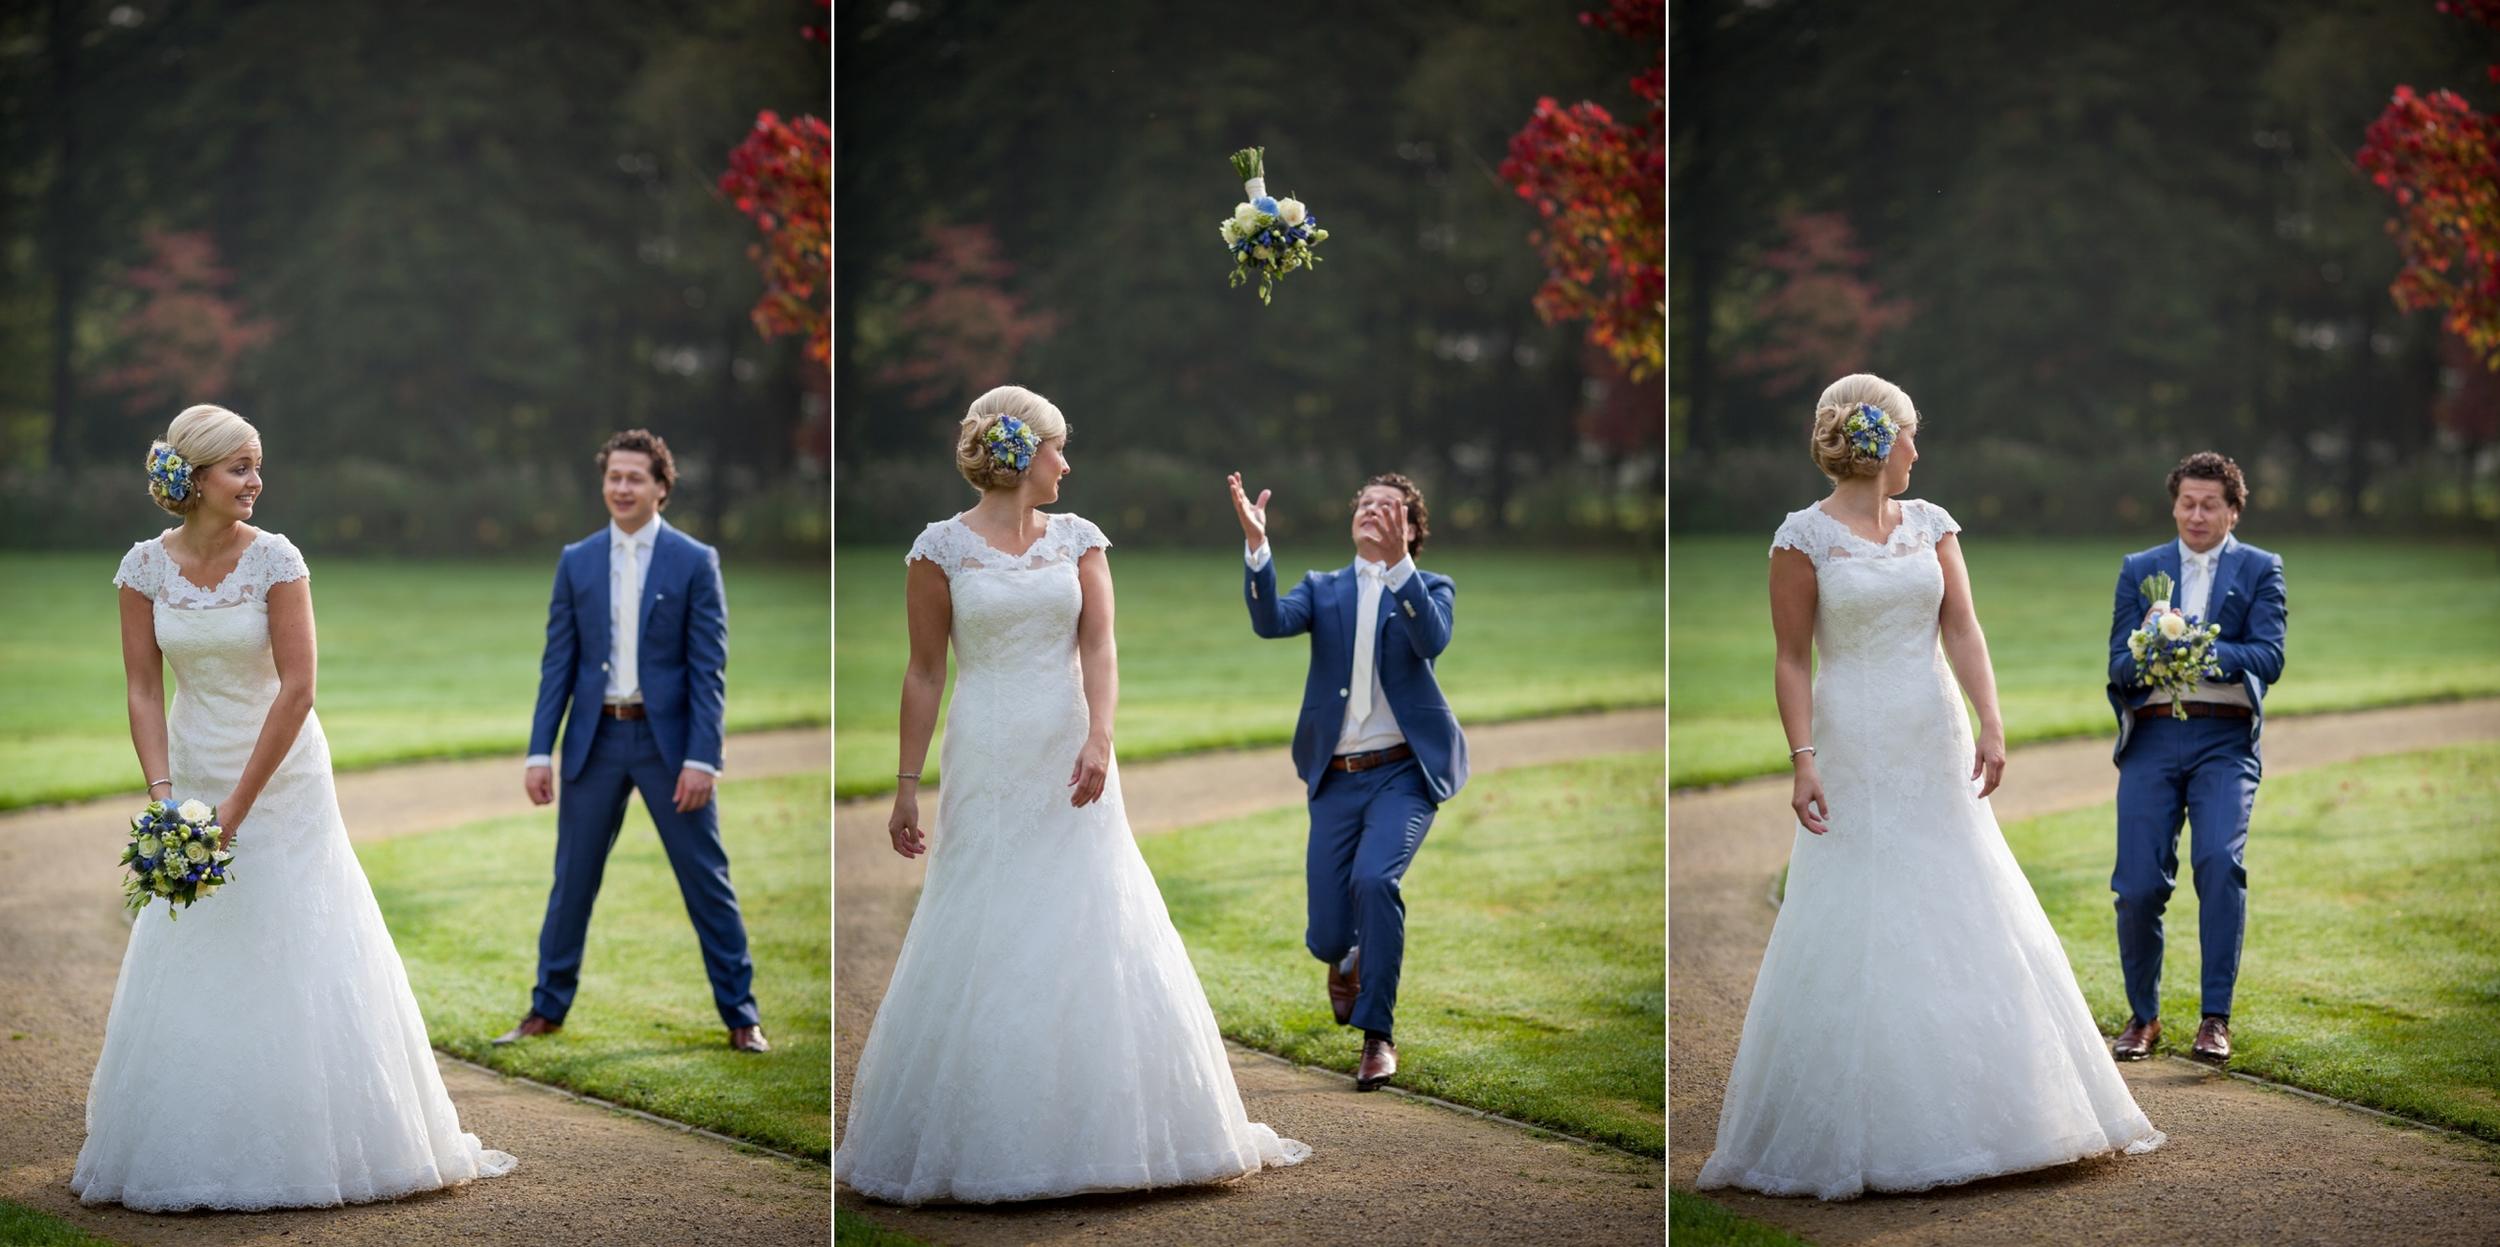 bruidsfotograaf-rijssen-utrecht-fotograaf-trouwen-bruiloft_0239.jpg